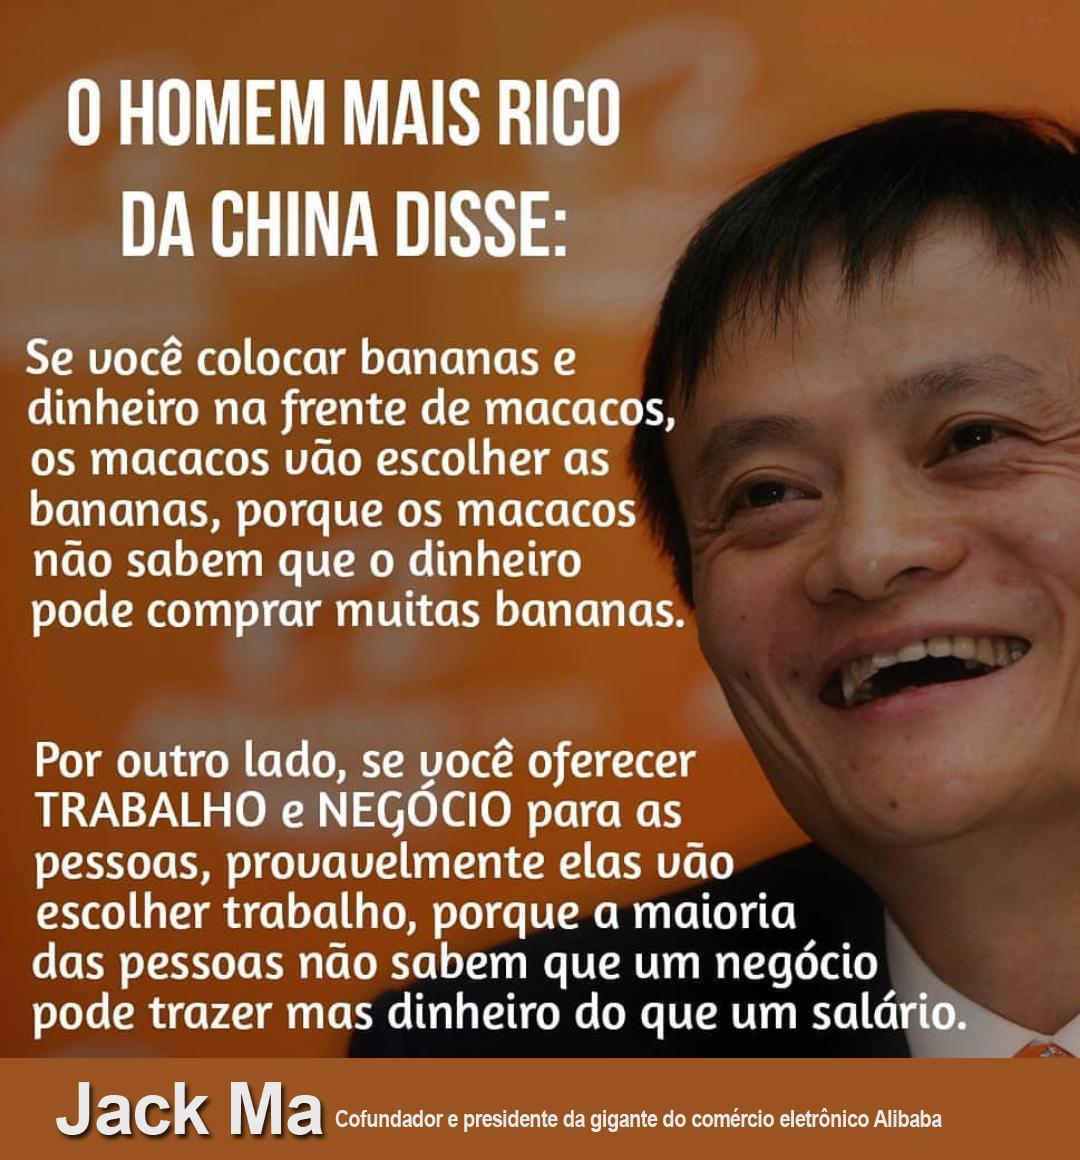 Jack Ma-O homem mais rico da Chinha